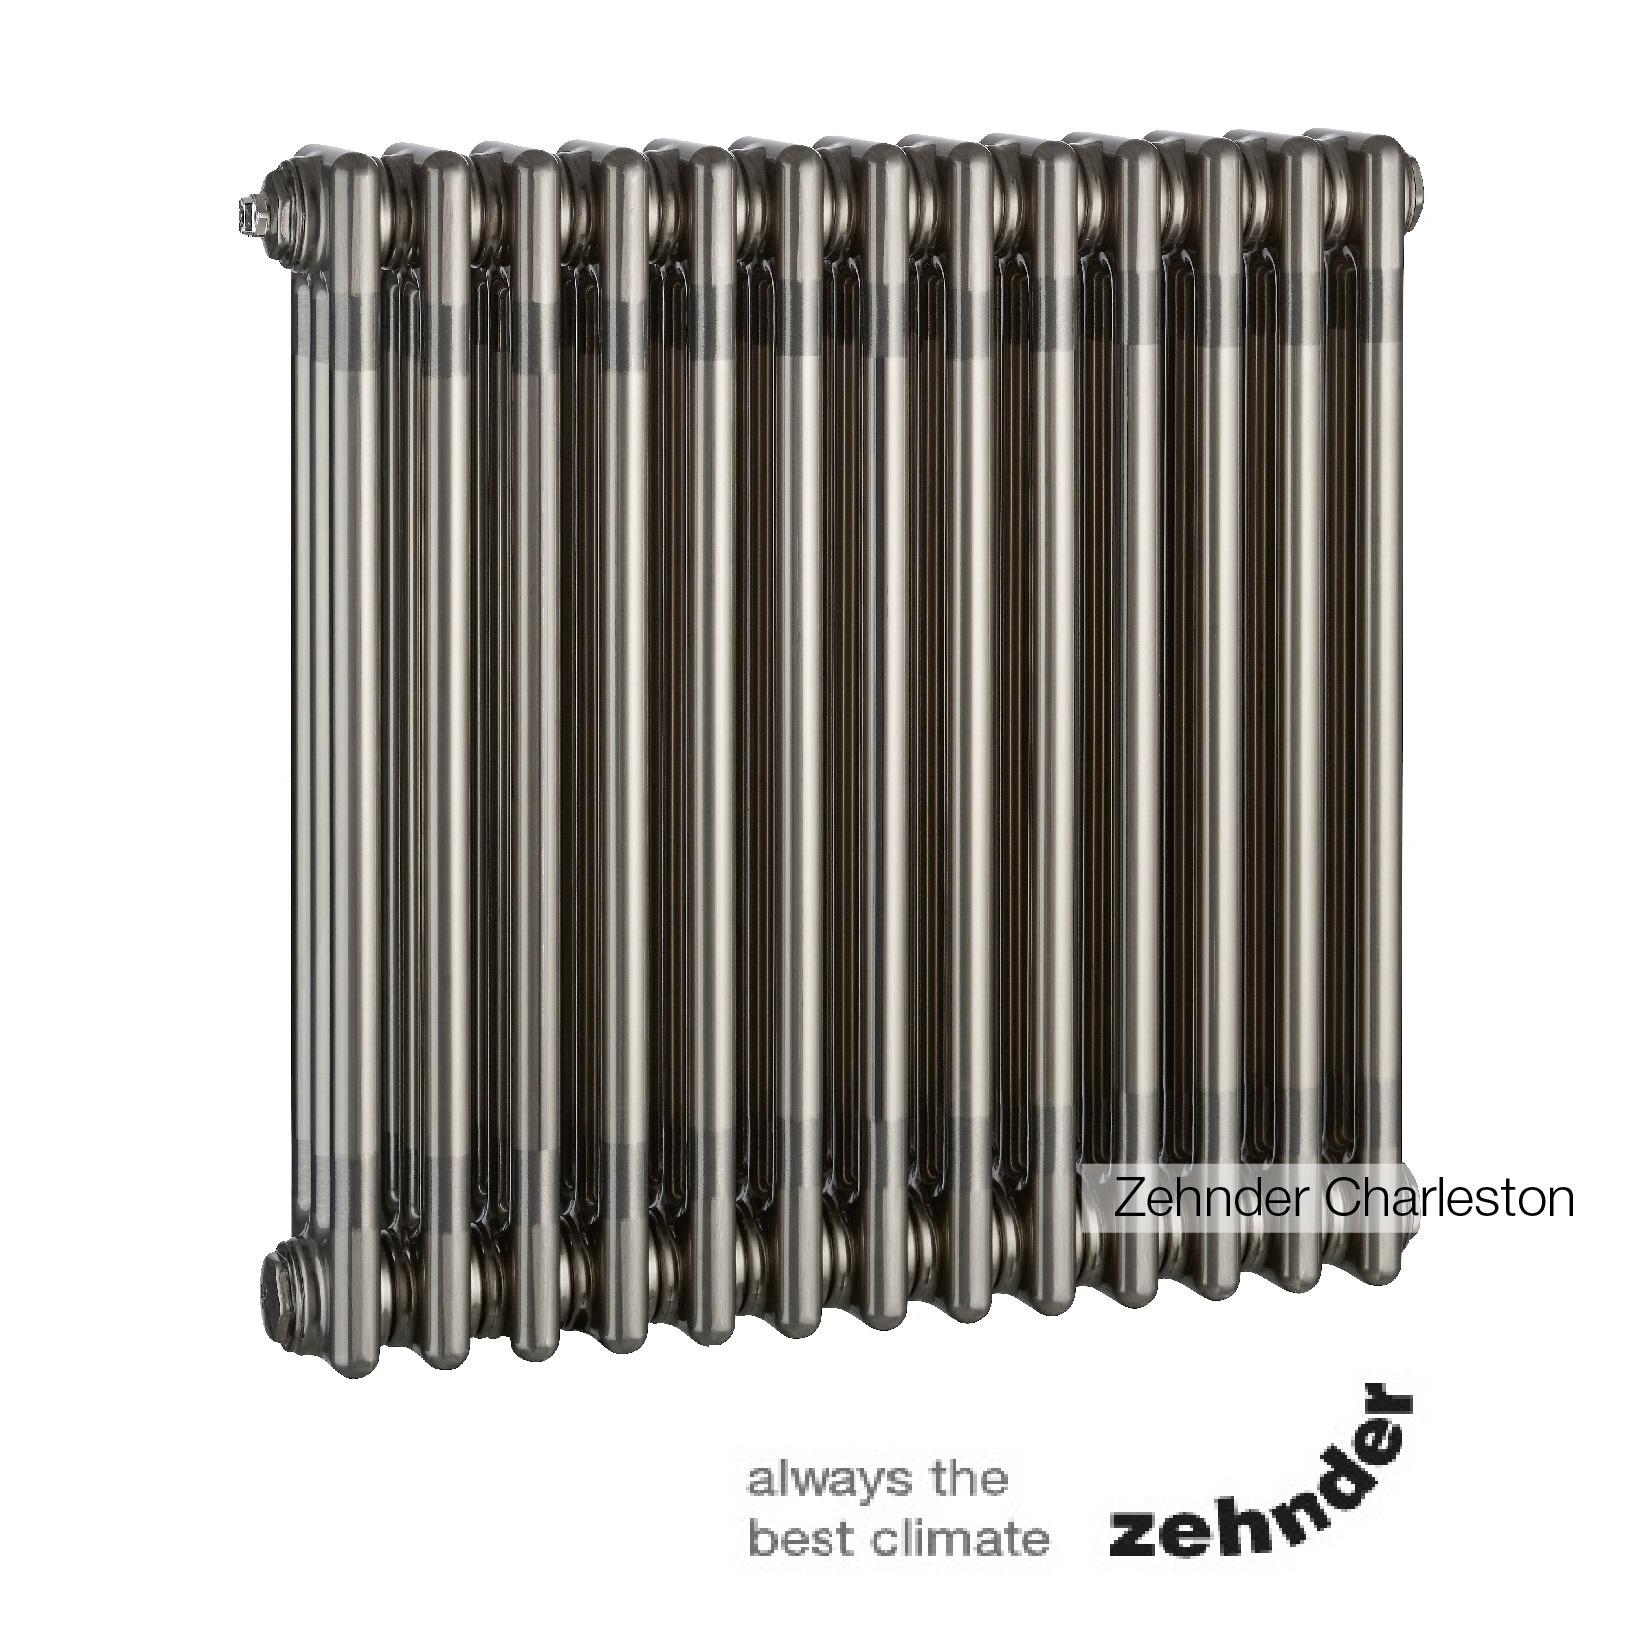 Радиатор Zehnder Charleston 3057 / 22 секции, нижнее подключение со встроенным термовентилем, цвет 0325 TL (TechnoLine)